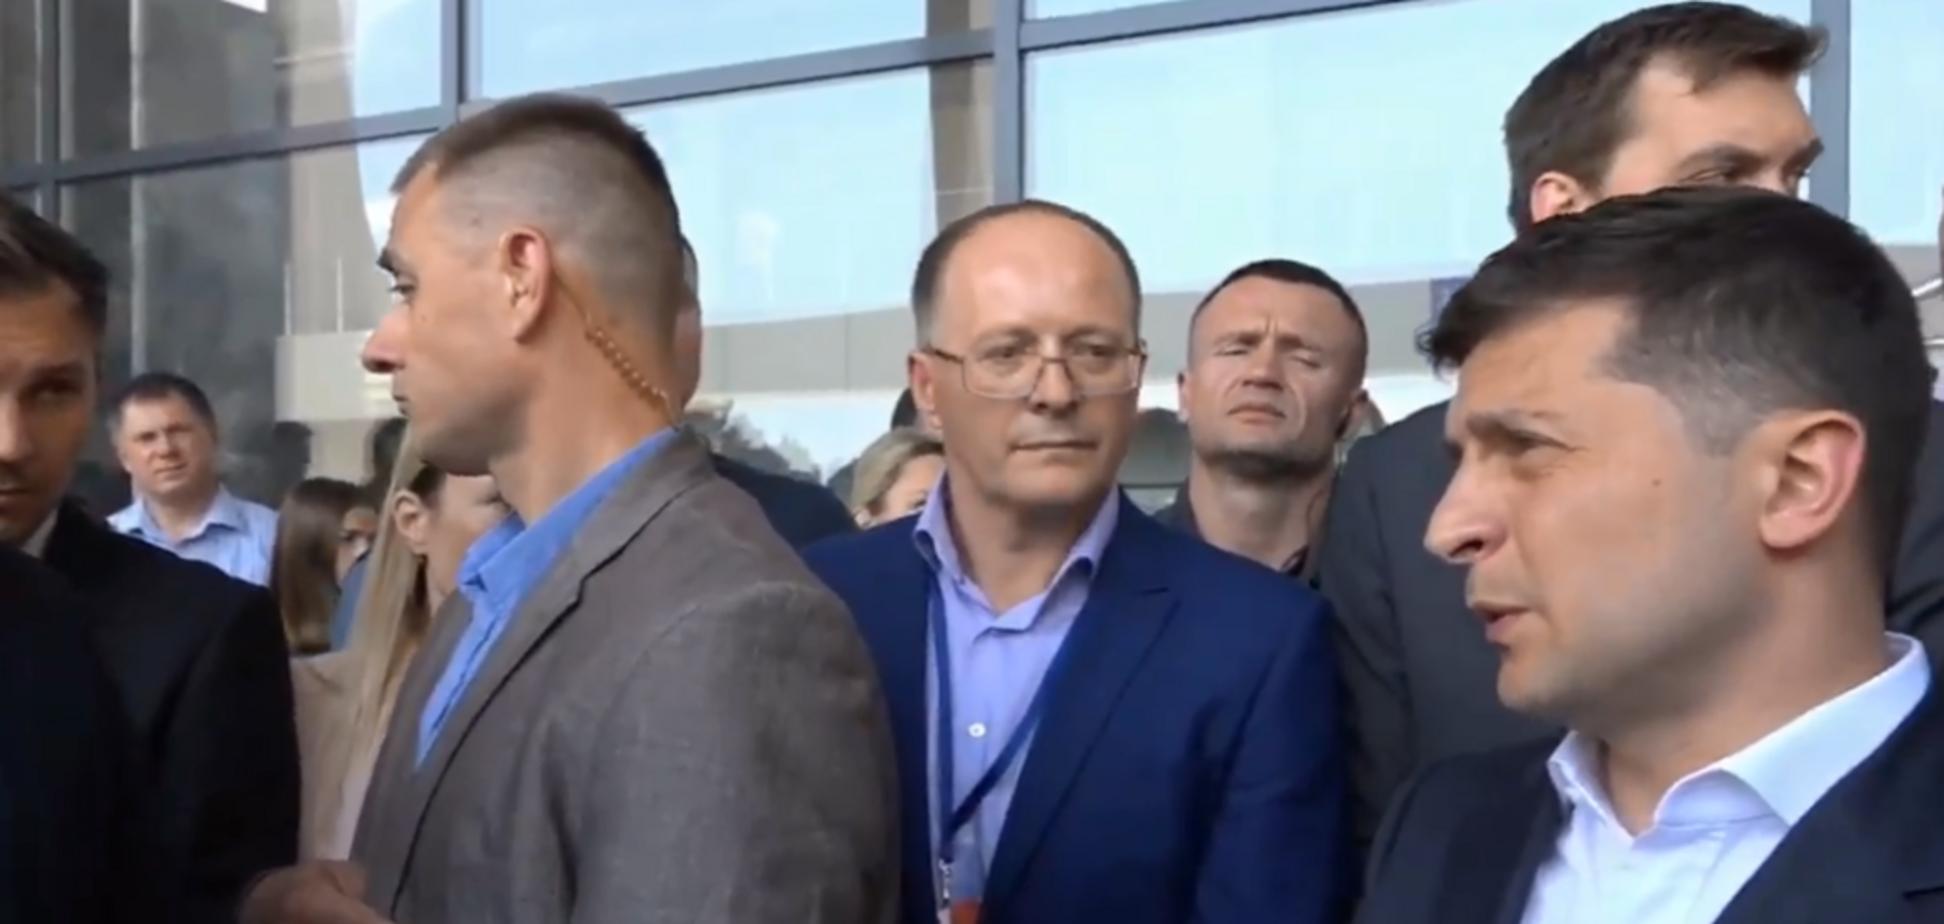 'Ставитеся, як до худоби!' Зеленський влаштував скандал із чиновником у Миколаєві